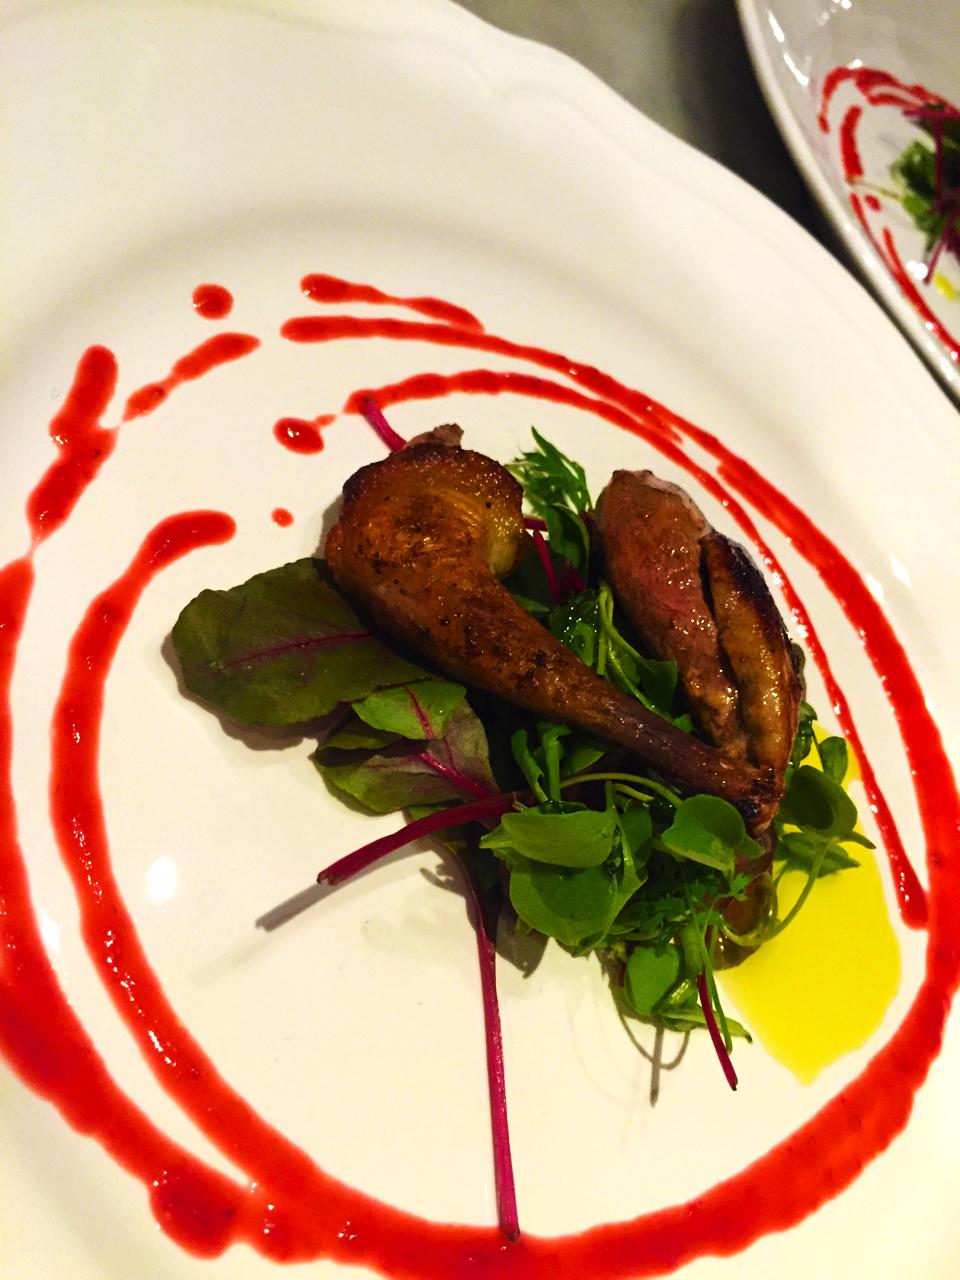 Petto e coscia di piccione, insalata tenera, riduzione di lamponi e zenzero